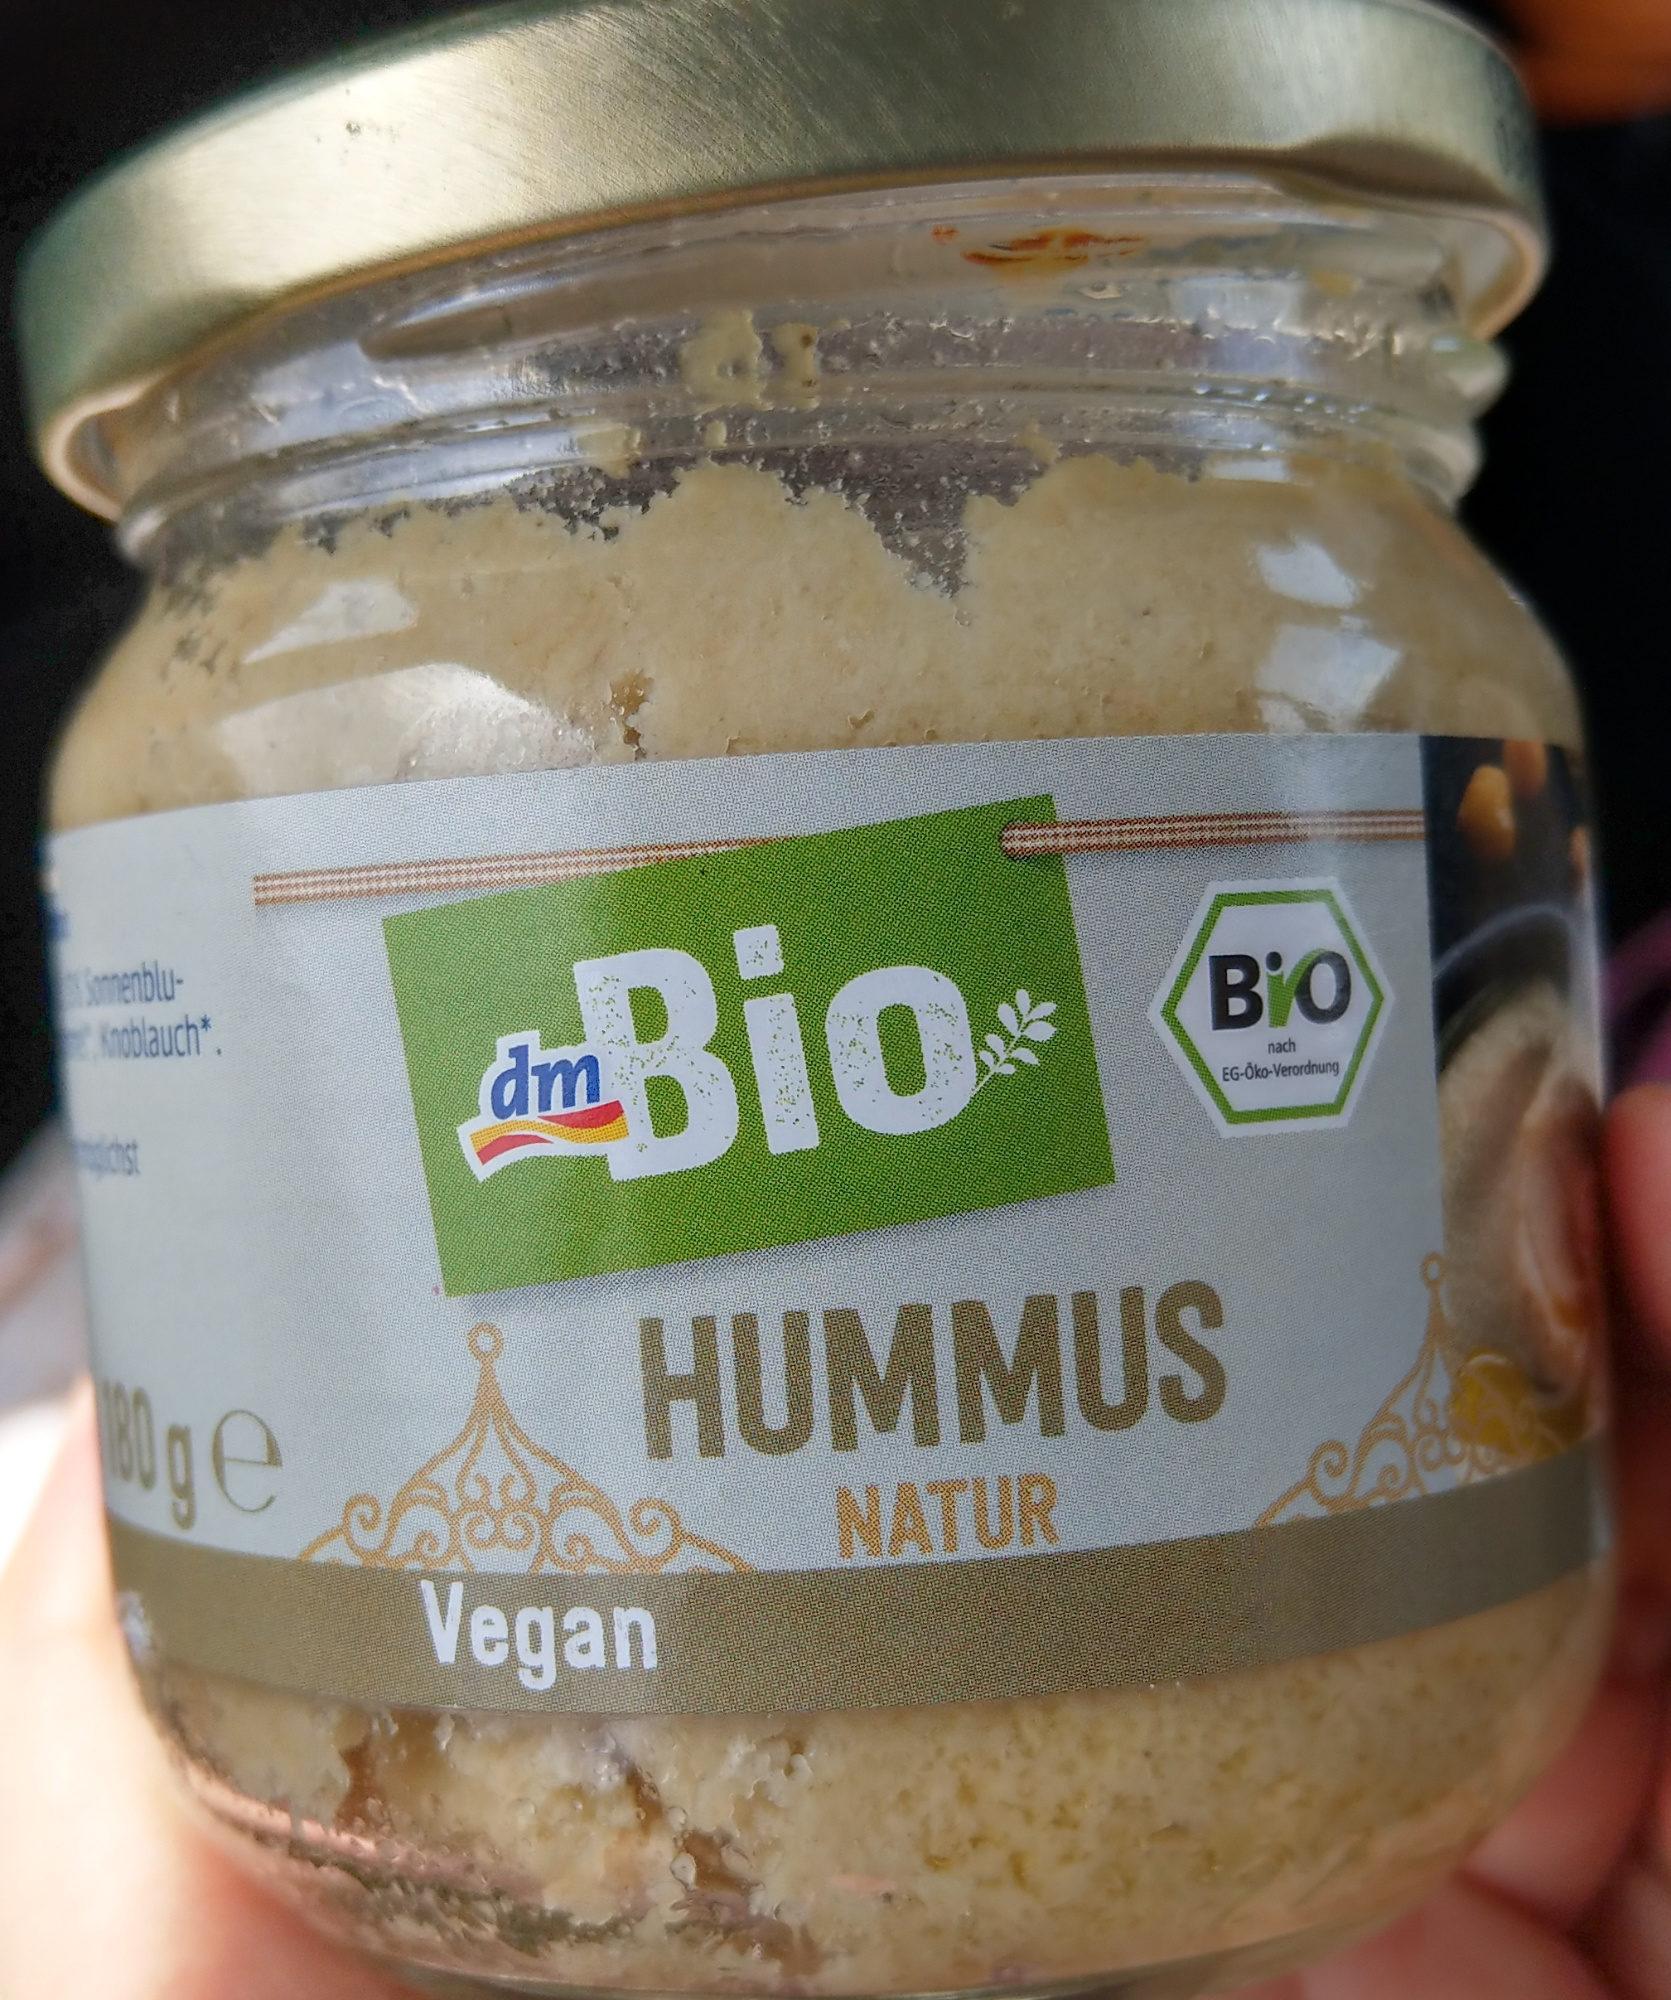 DM Bio Hummus Natur - Product